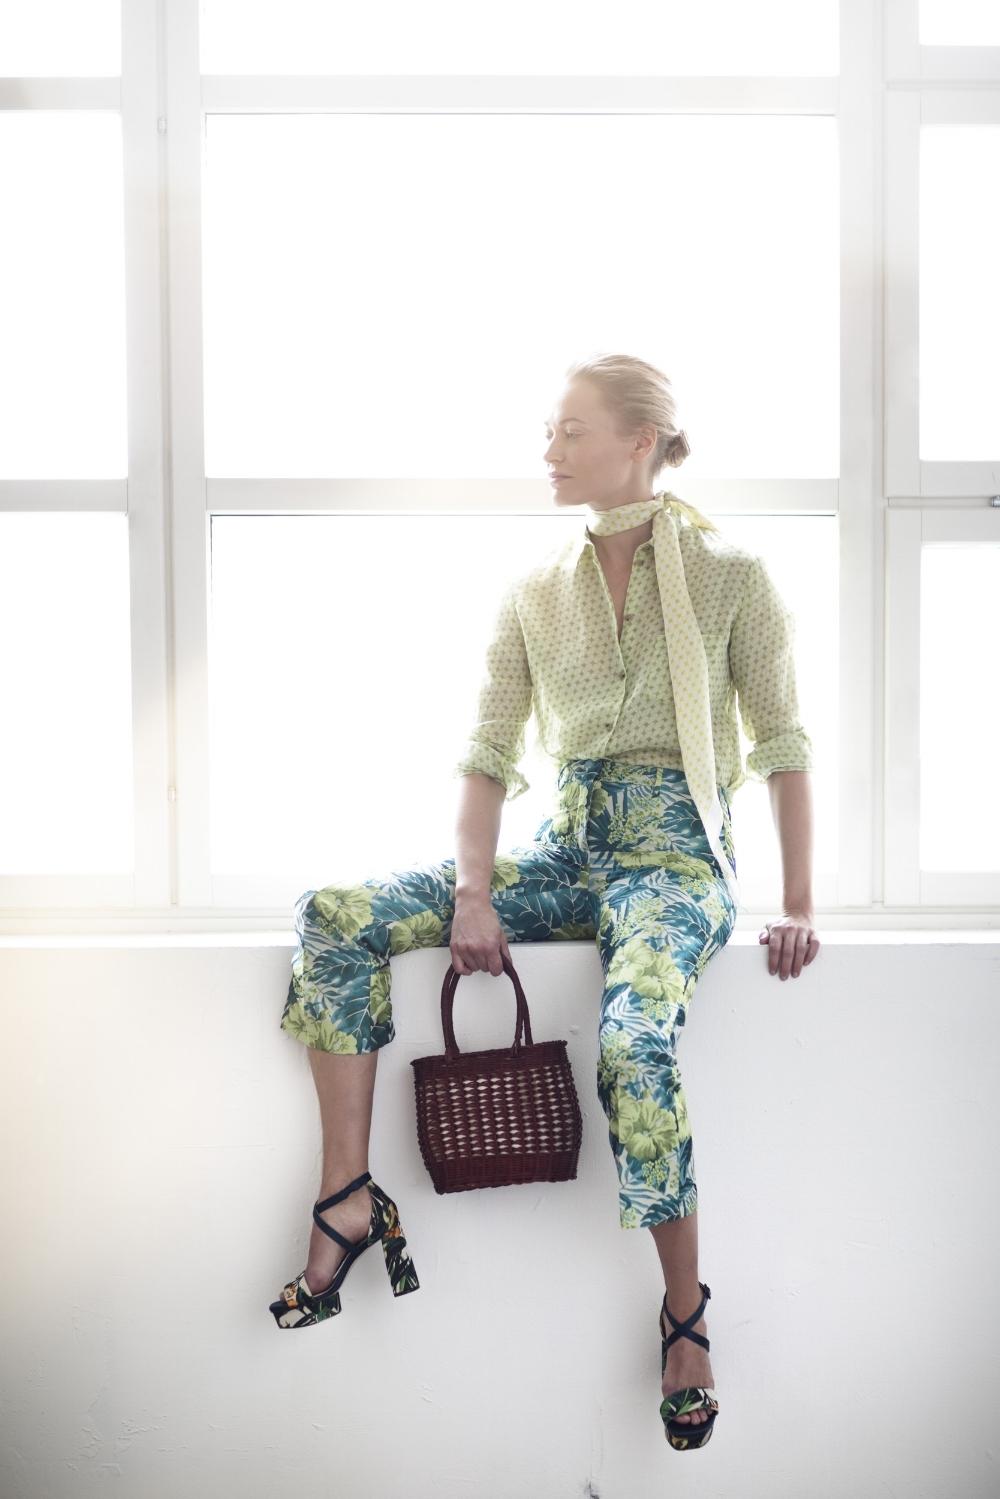 Valitse housut vartalotyyppisi mukaan. - Tarjolla on nyt paljon eri pituisia, leveälahkeisia housuja sekä 80-luvun porkkanamalliset housut, jotka eivät todellakaan sovi kaikille. Valitse itsellesi housut, jotka pukevat juuri sinua parhaiten! Siinä missä leveä, täysmittainen lahje lyhentää kantajaansa, ¾ pituinen lahje pidentää sääriä.100% rami -kauluspaita 190 e ja silkkihuivi,jossa sama printtikuvio 130 e, molemmat Samuji. Kukalliset housut 220 e,Seventy,La Matta. Kangaskengät joissa viidakkokuosi 590 e,Stuart Weitzman, Boutique Kaarina K. Pieni kori jossa puuvillakangasvuori 90 e,Samuji.